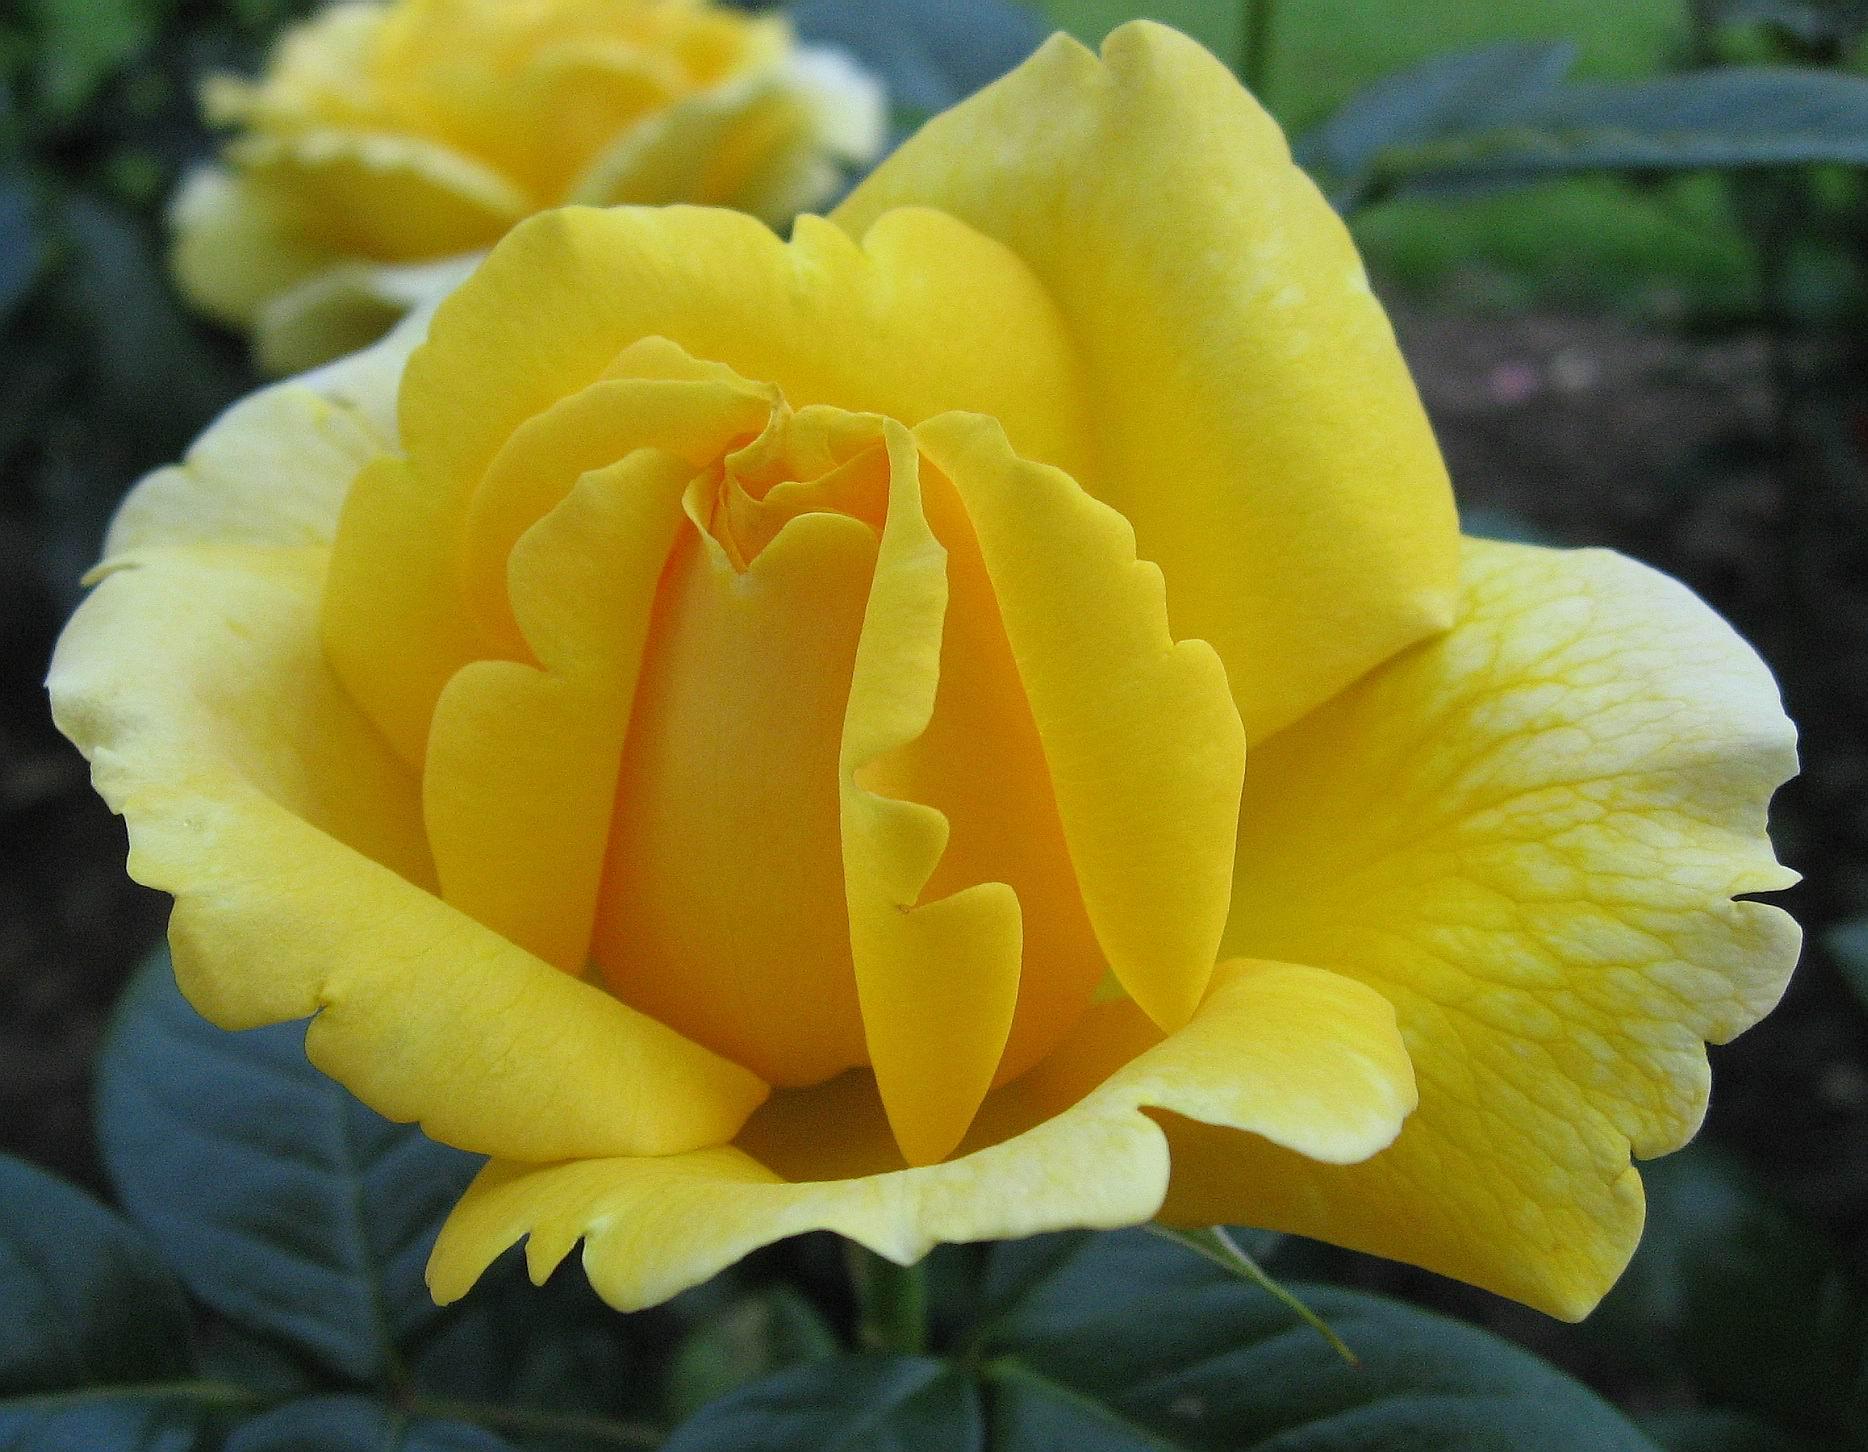 بالصور اجمل الورود في العالم , صور اجمل ورد 2481 5